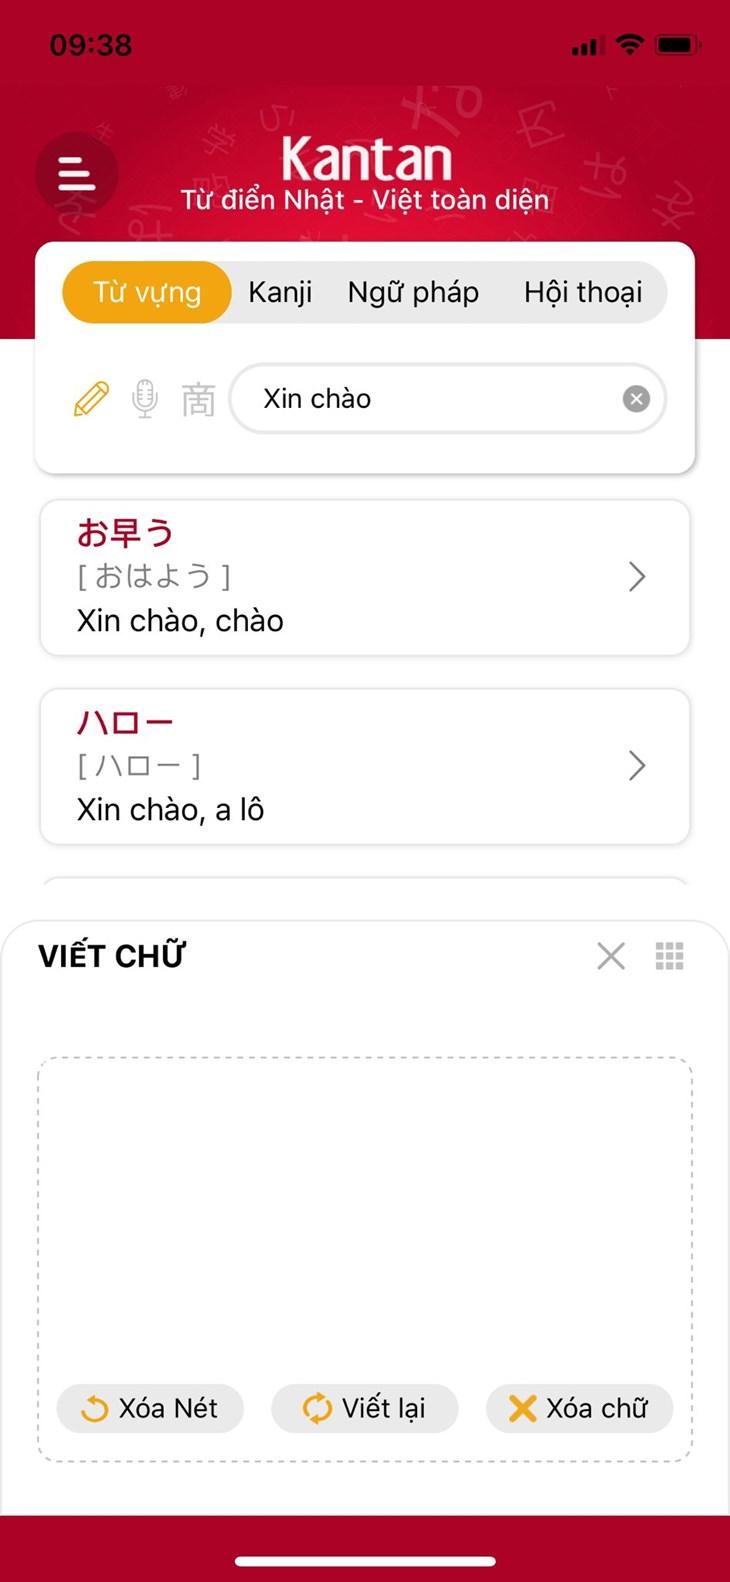 Từ điển Kantan - Song ngữ Việt Nhật hàng đầu Việt Nam - ảnh 3